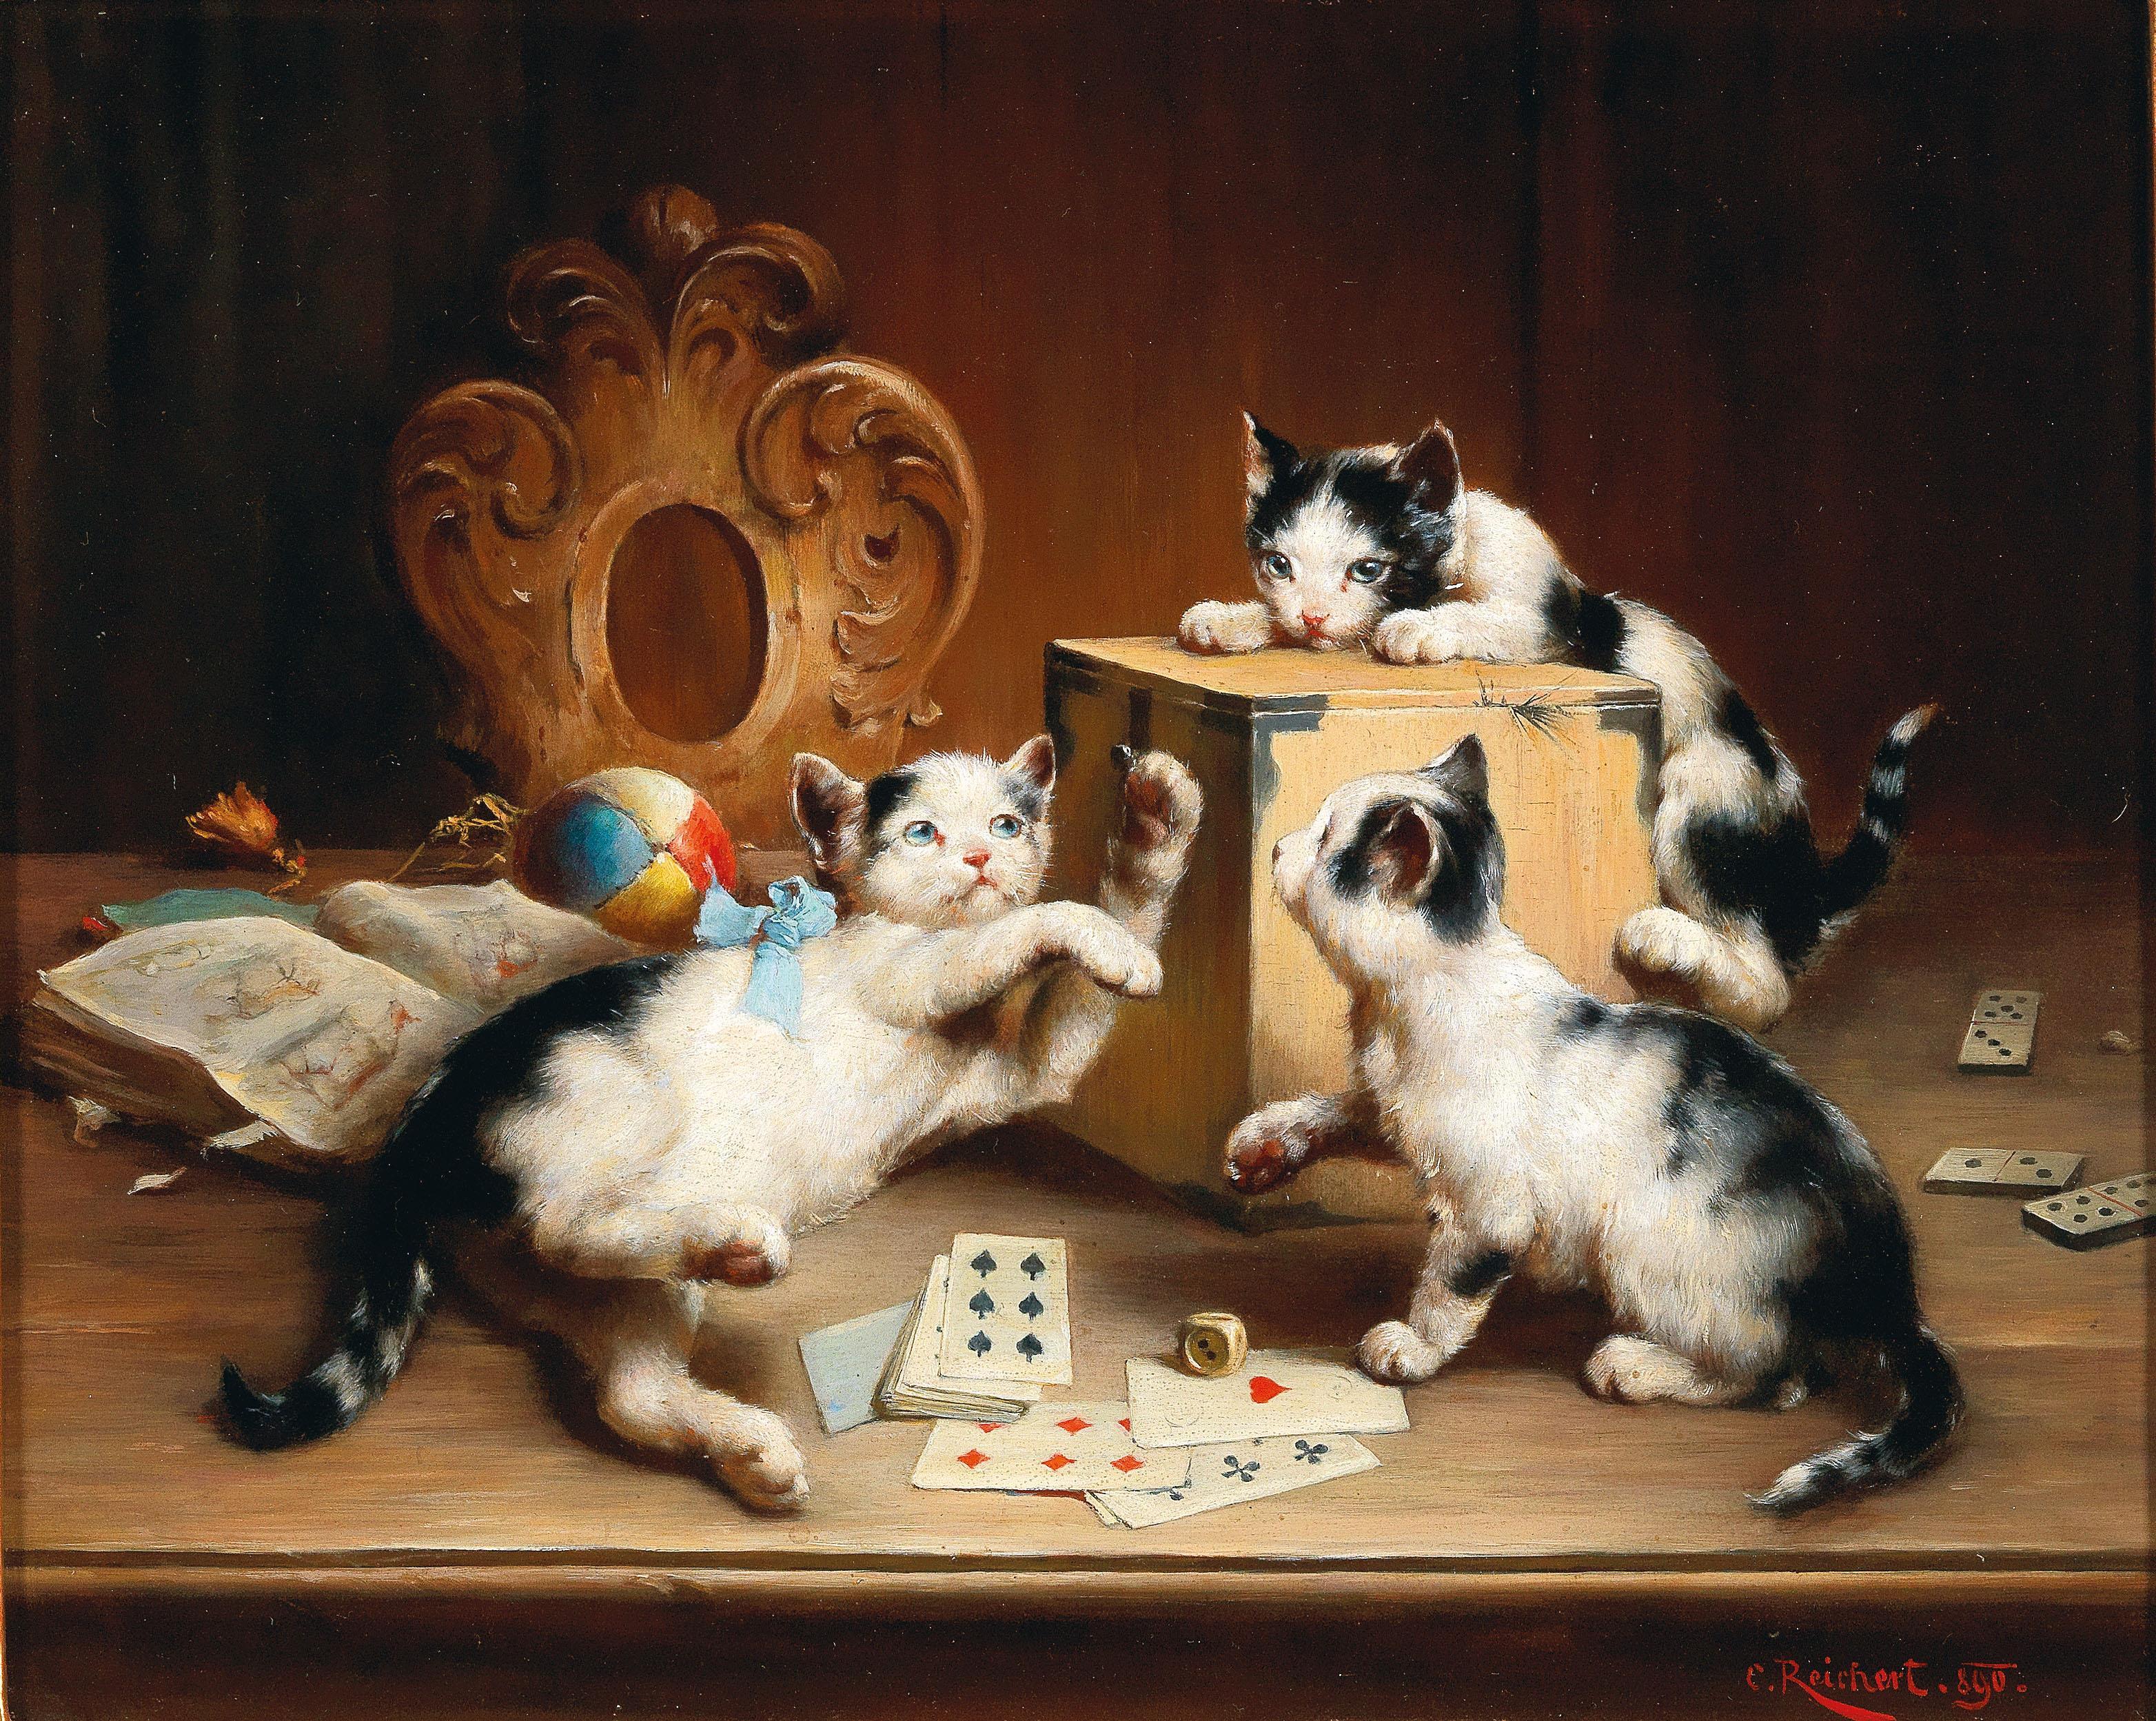 images Kittens Reichert